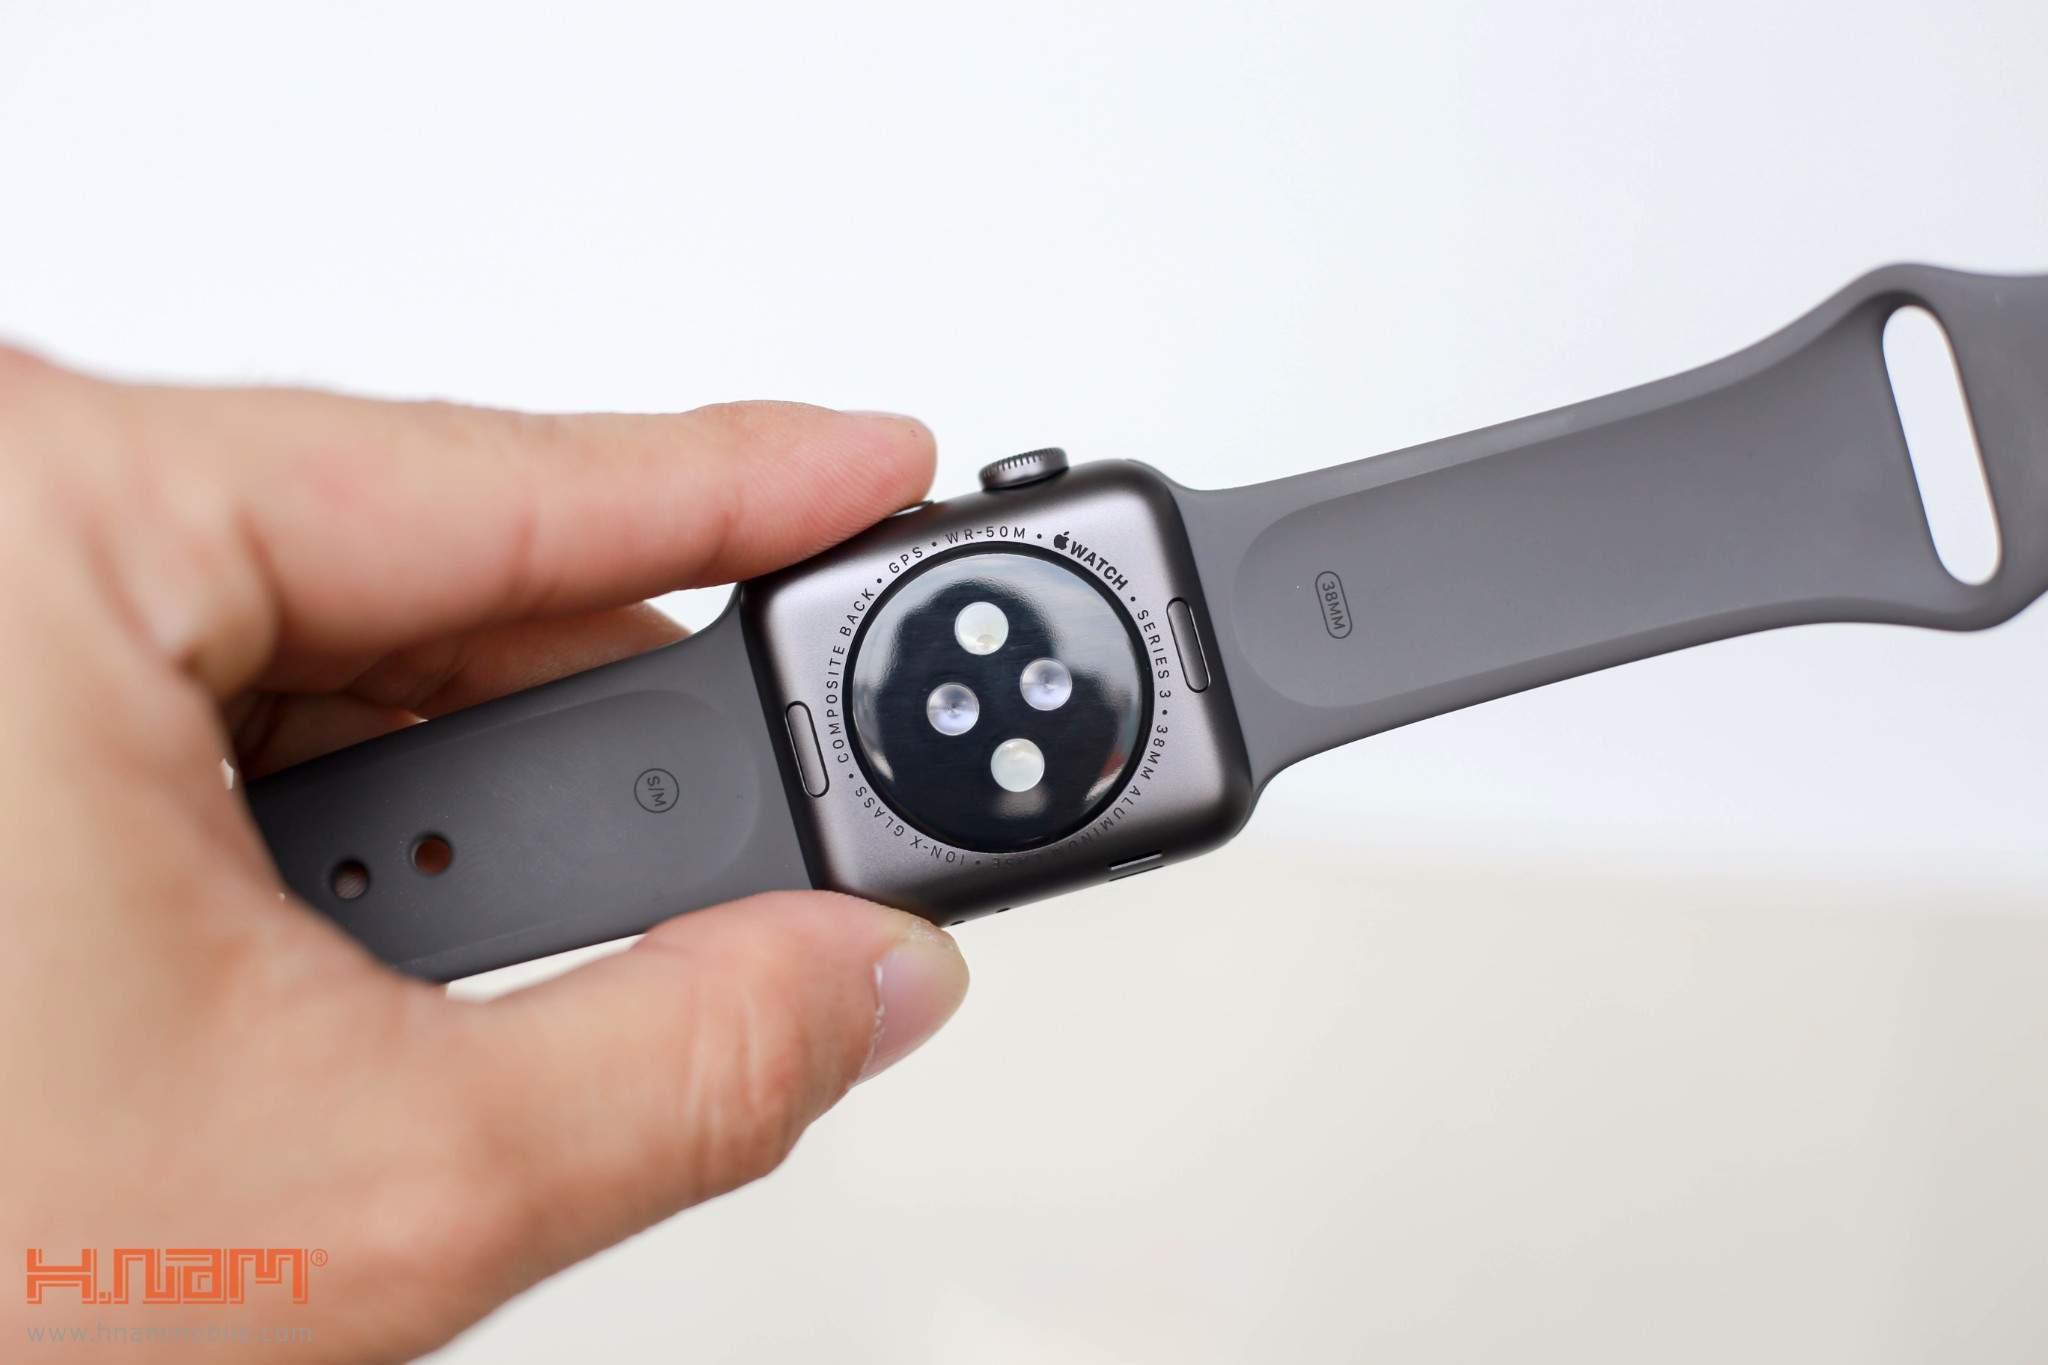 Apple Watch Series 3 Cellular 38mm Silver Aluminum Case - MQJN2 ( Trôi bảo hành , chưa Active ) hình sản phẩm 3